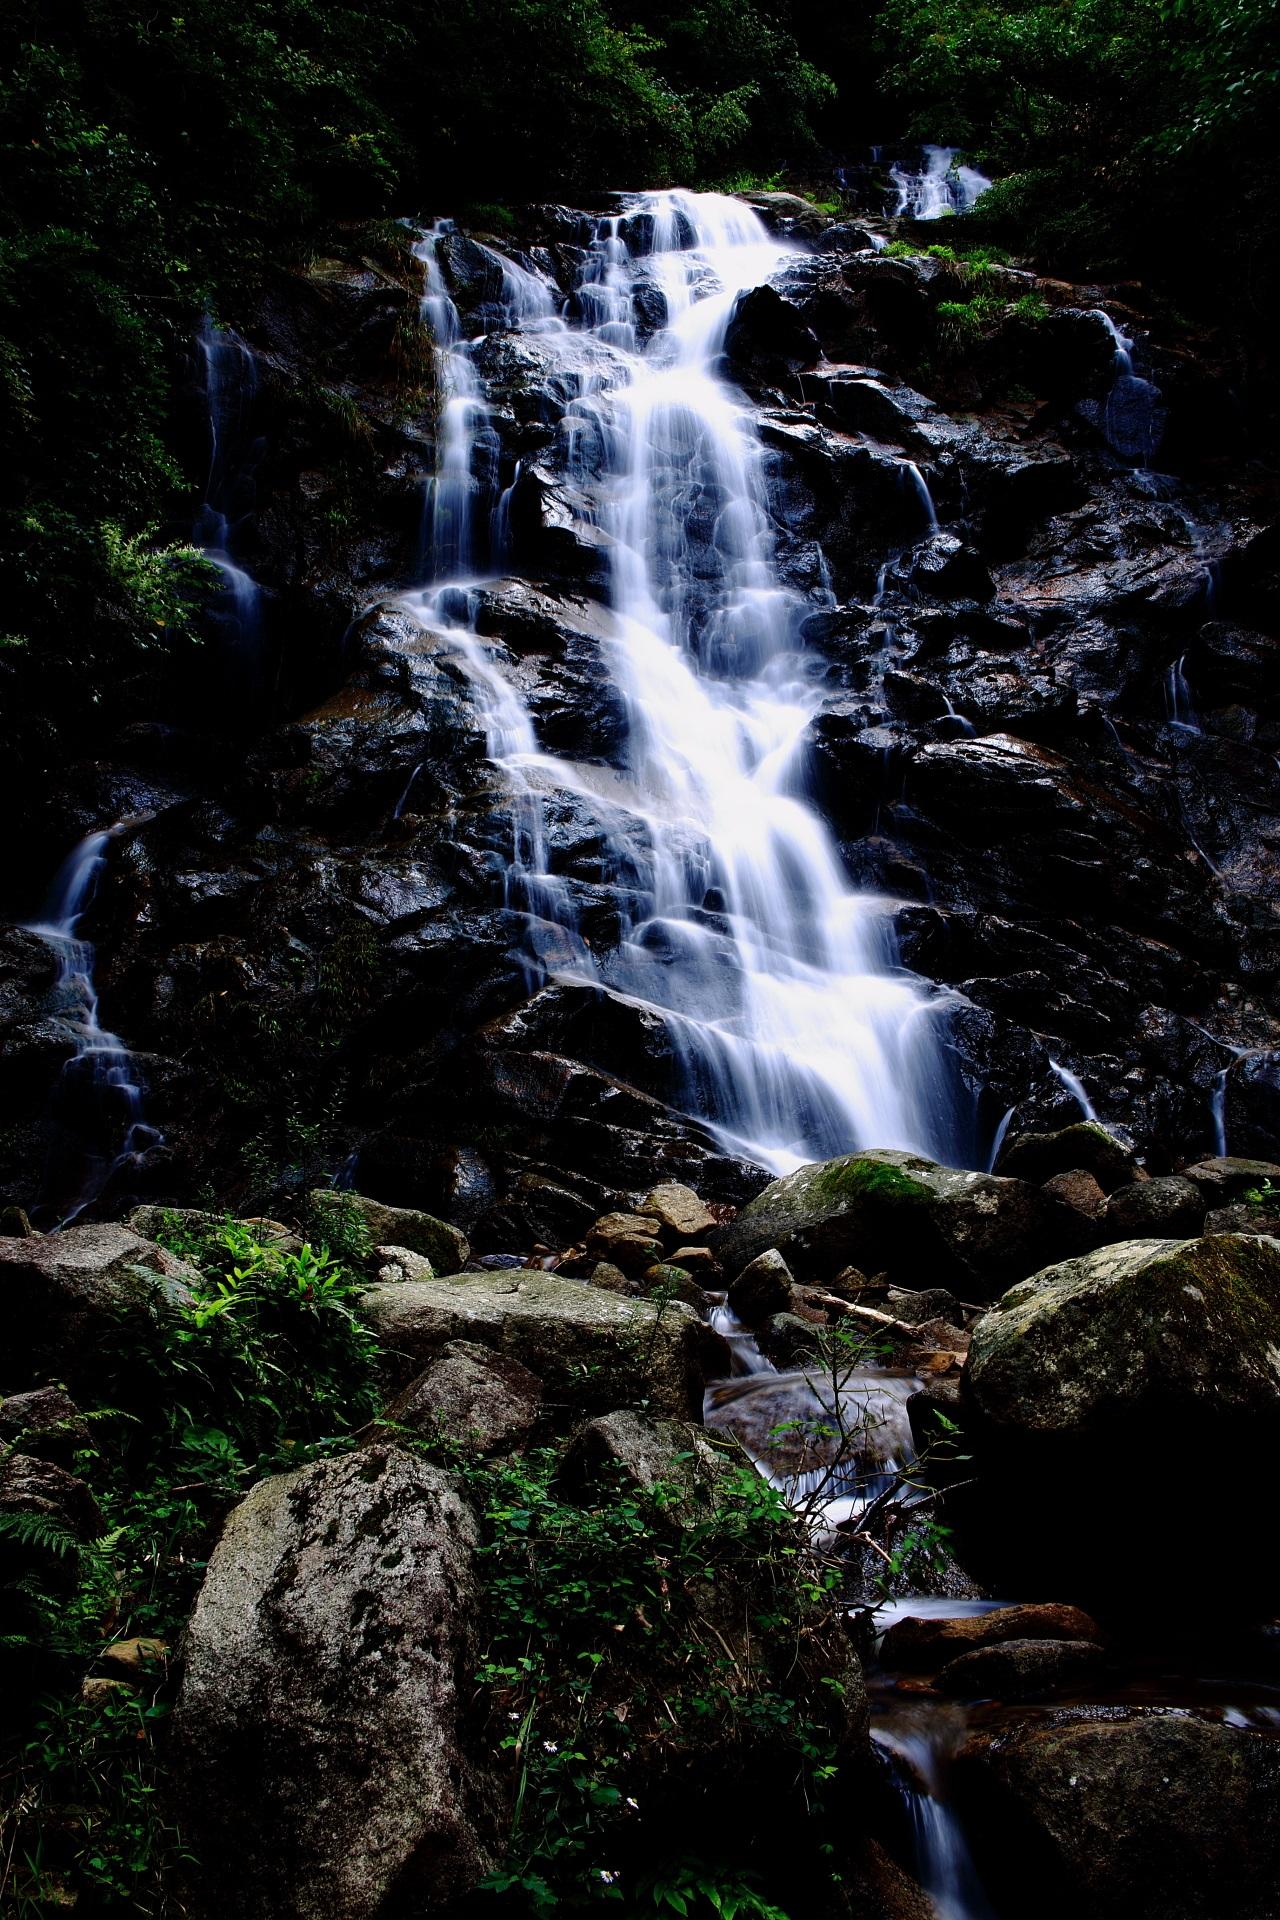 コントラスト強めで水の流れが光る滝